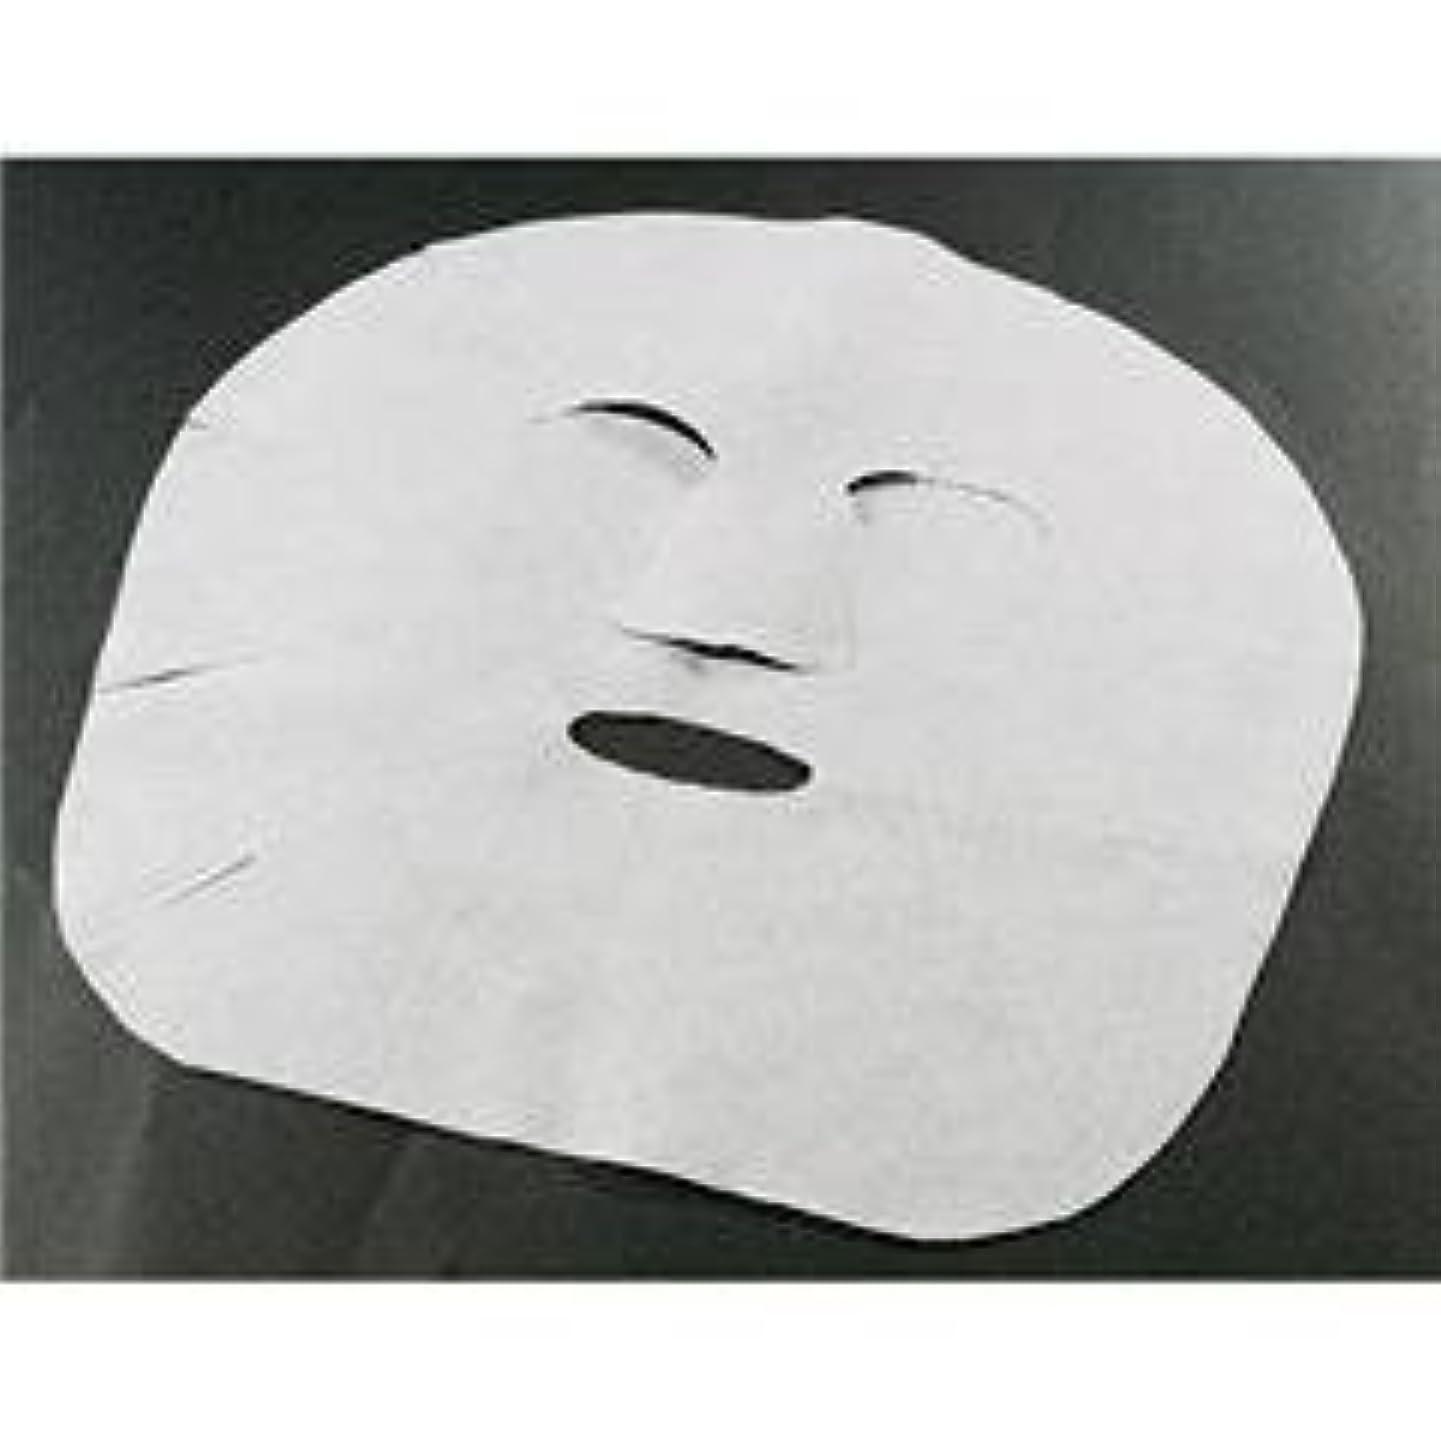 うれしい窓を洗うお茶大きめ エステ仕様 フェイスシート マスク 100枚/不織布タイプ